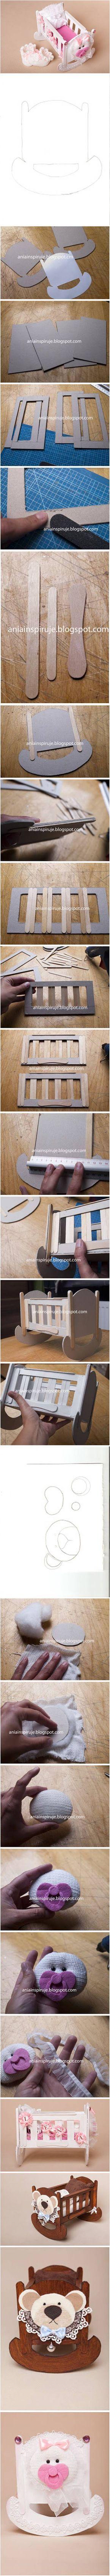 DIY Cardboard Baby Cradle